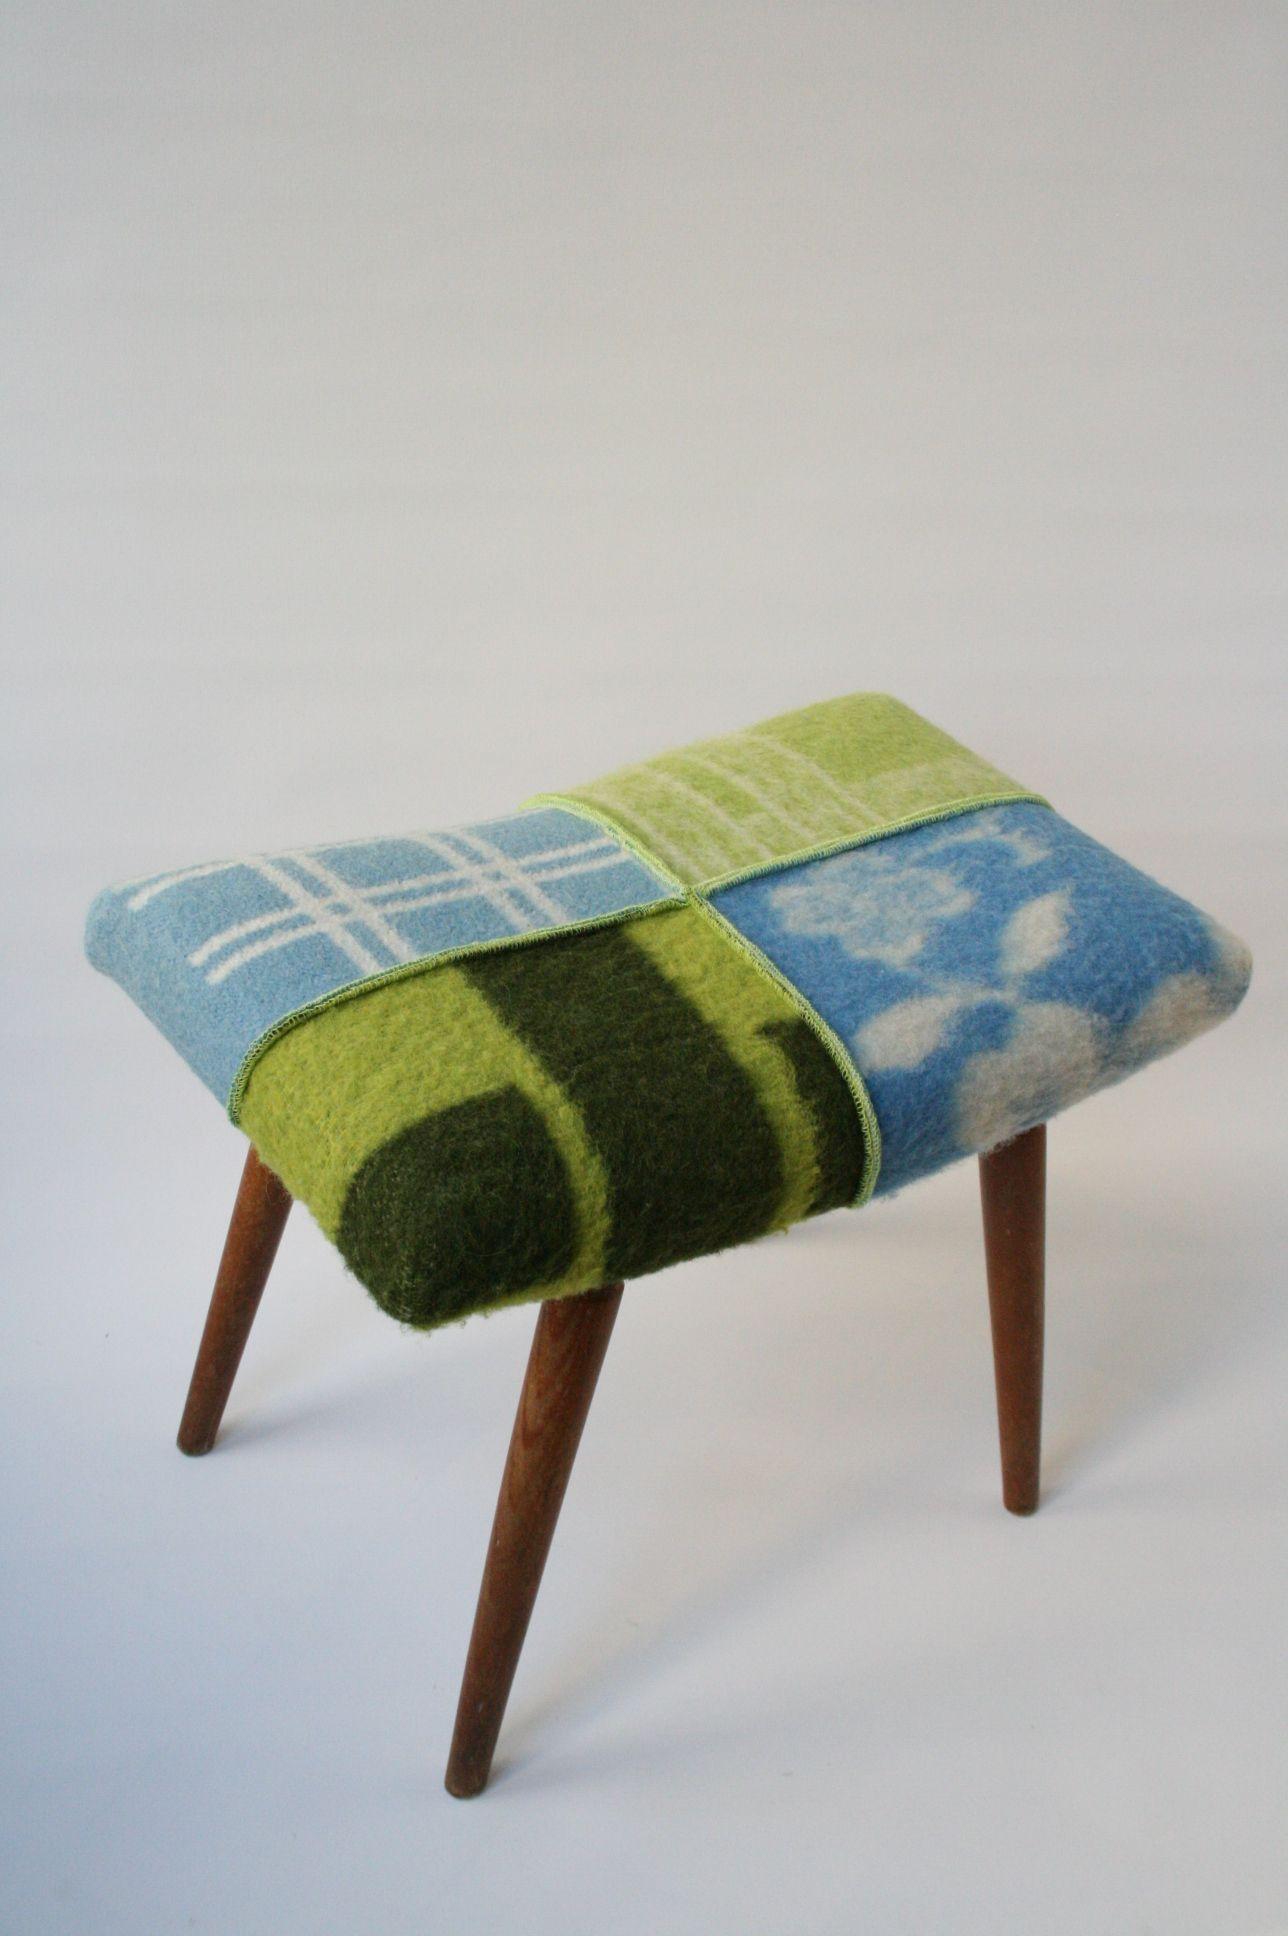 Meubels bekleedt van wollen dekens | Dekens, Deken, Oude